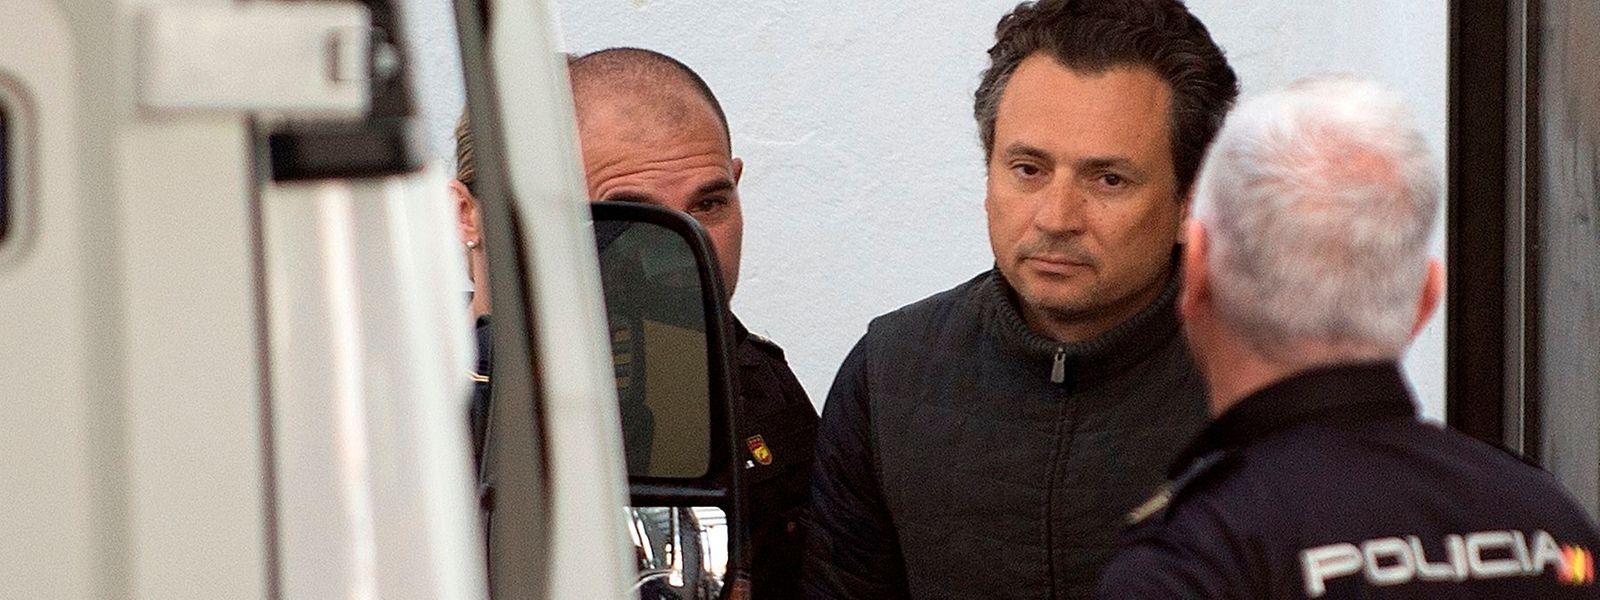 Kronzeuge im Korruptionsskandal ist Emilio Lozoya, von 2012 bis 2016 Chef des staatlichen Ölkonzerns Petróleos Mexicanos (PEMEX). Hier bei seiner Verhafftung.